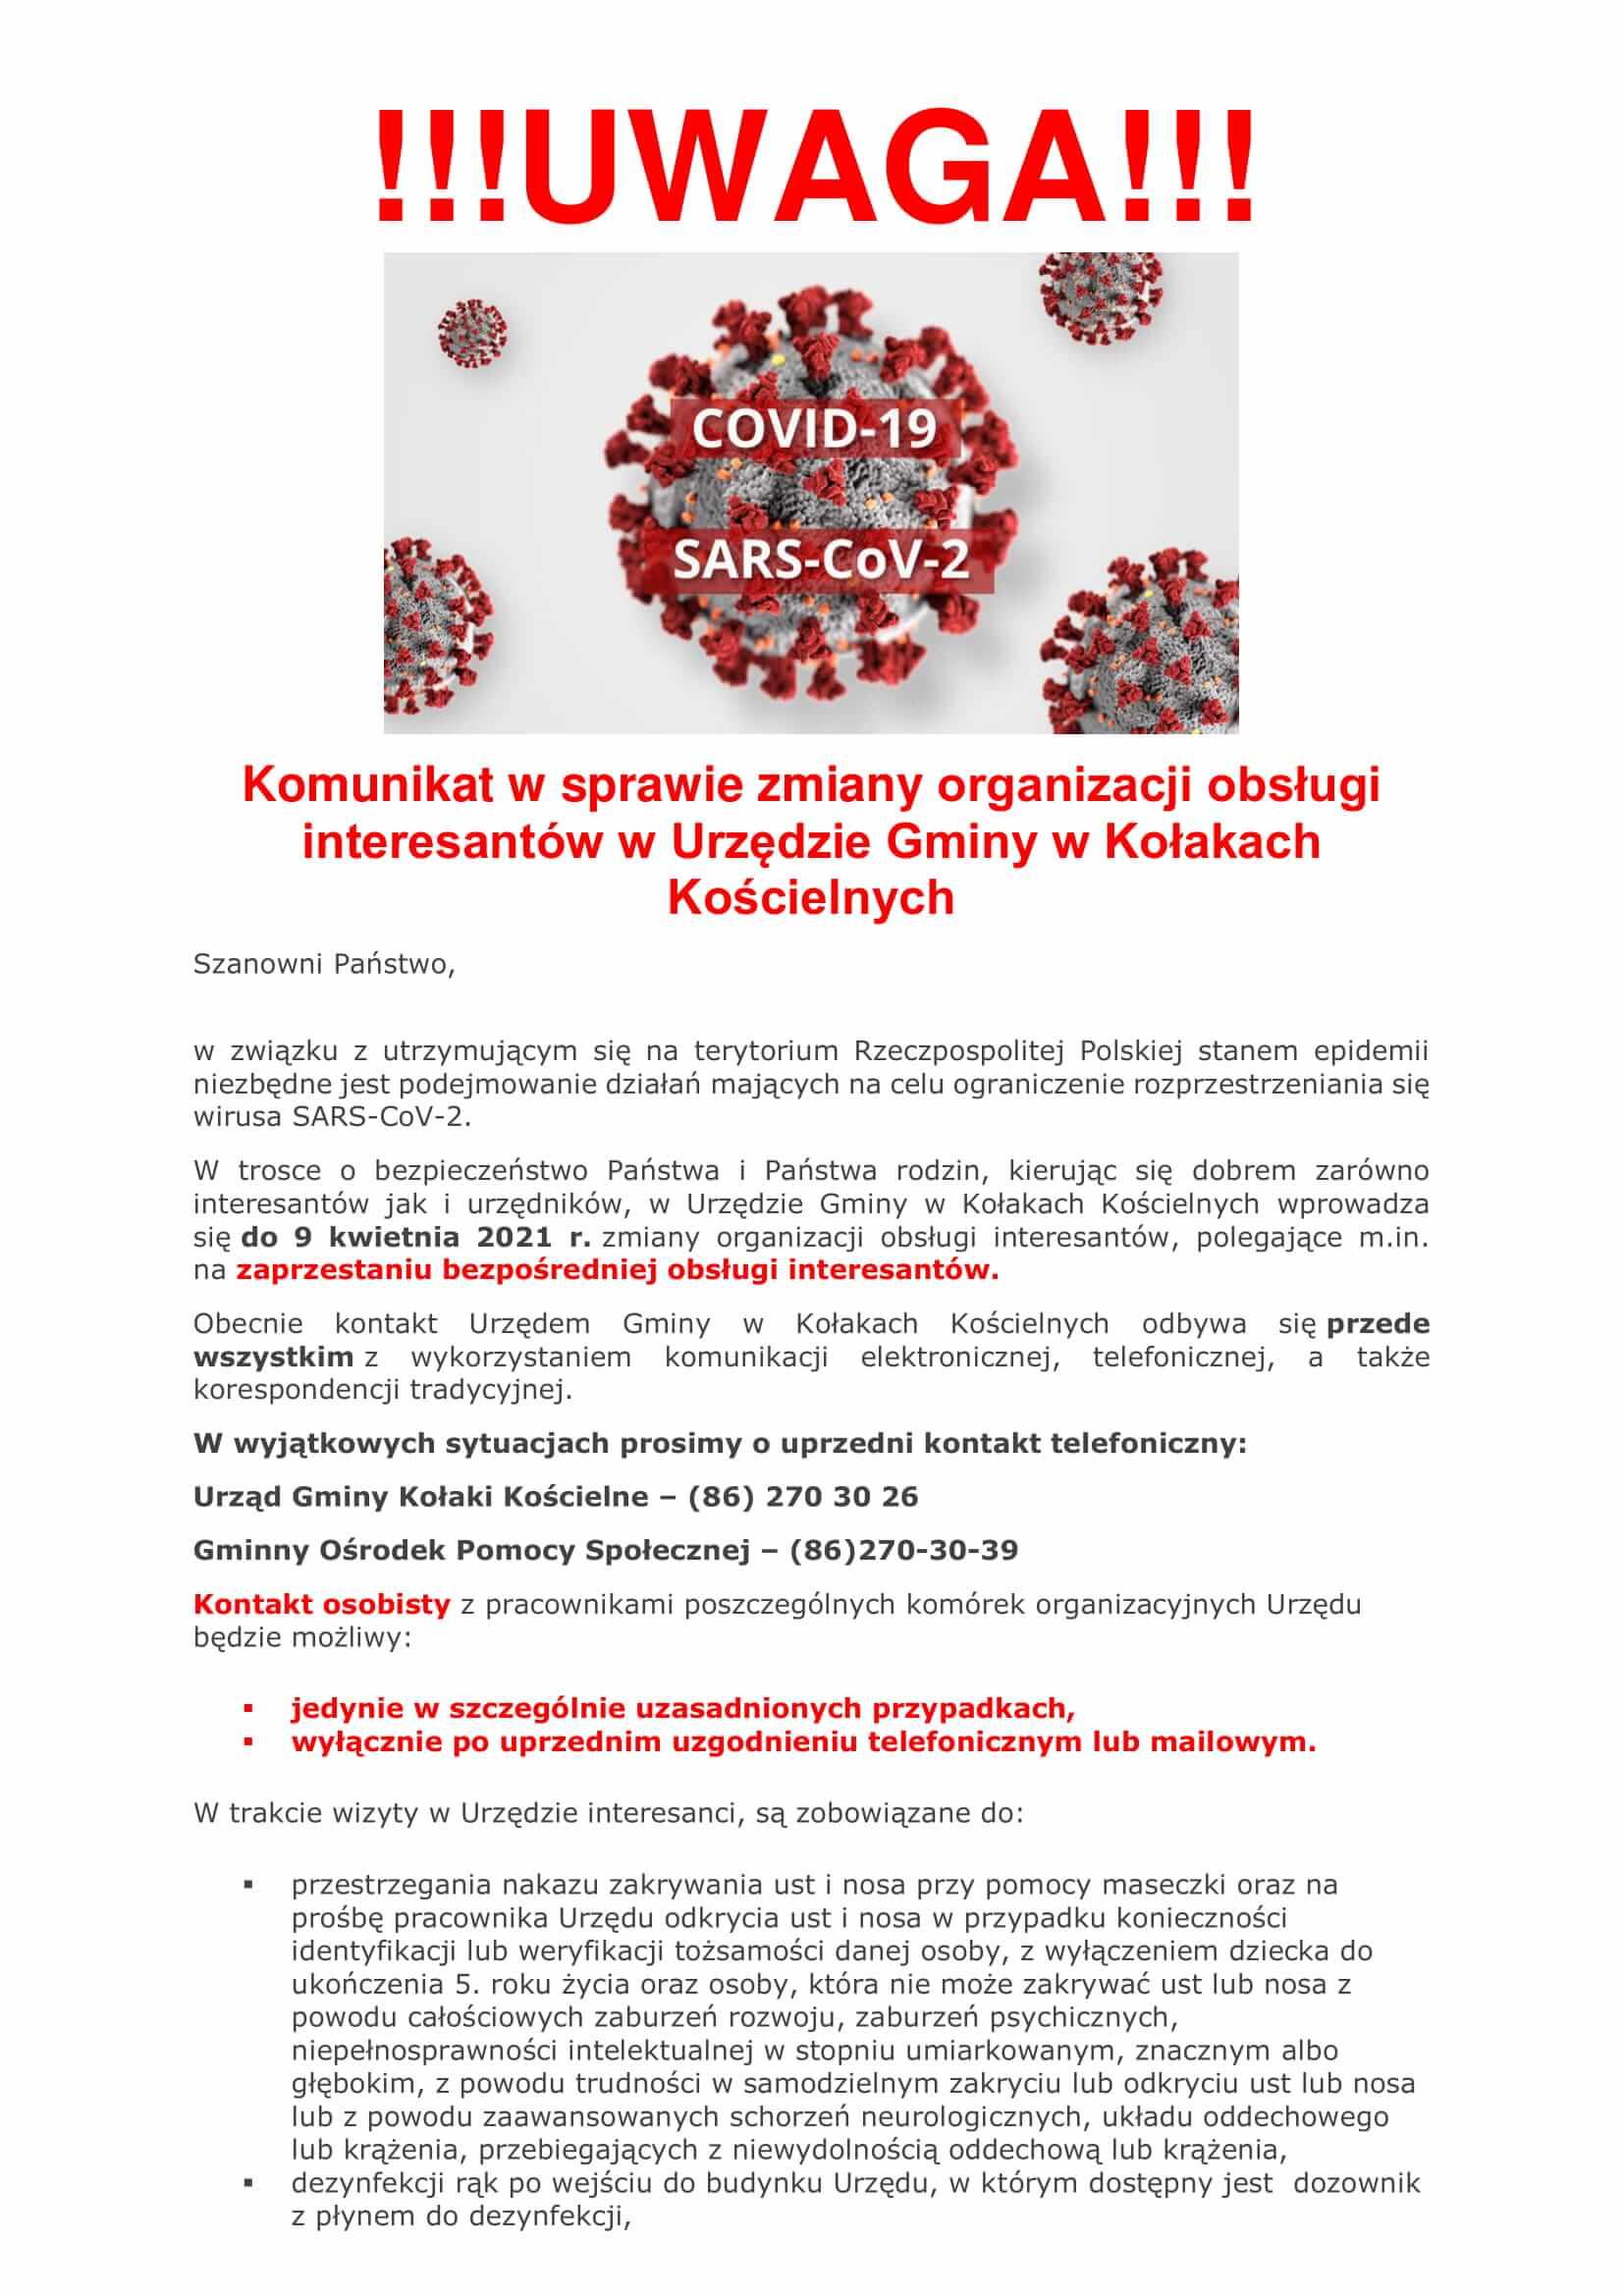 Komunikat w sprawie zmiany organizacji obsługi interesantów w Urzędzie Gminy w Kołakach Kościelnych